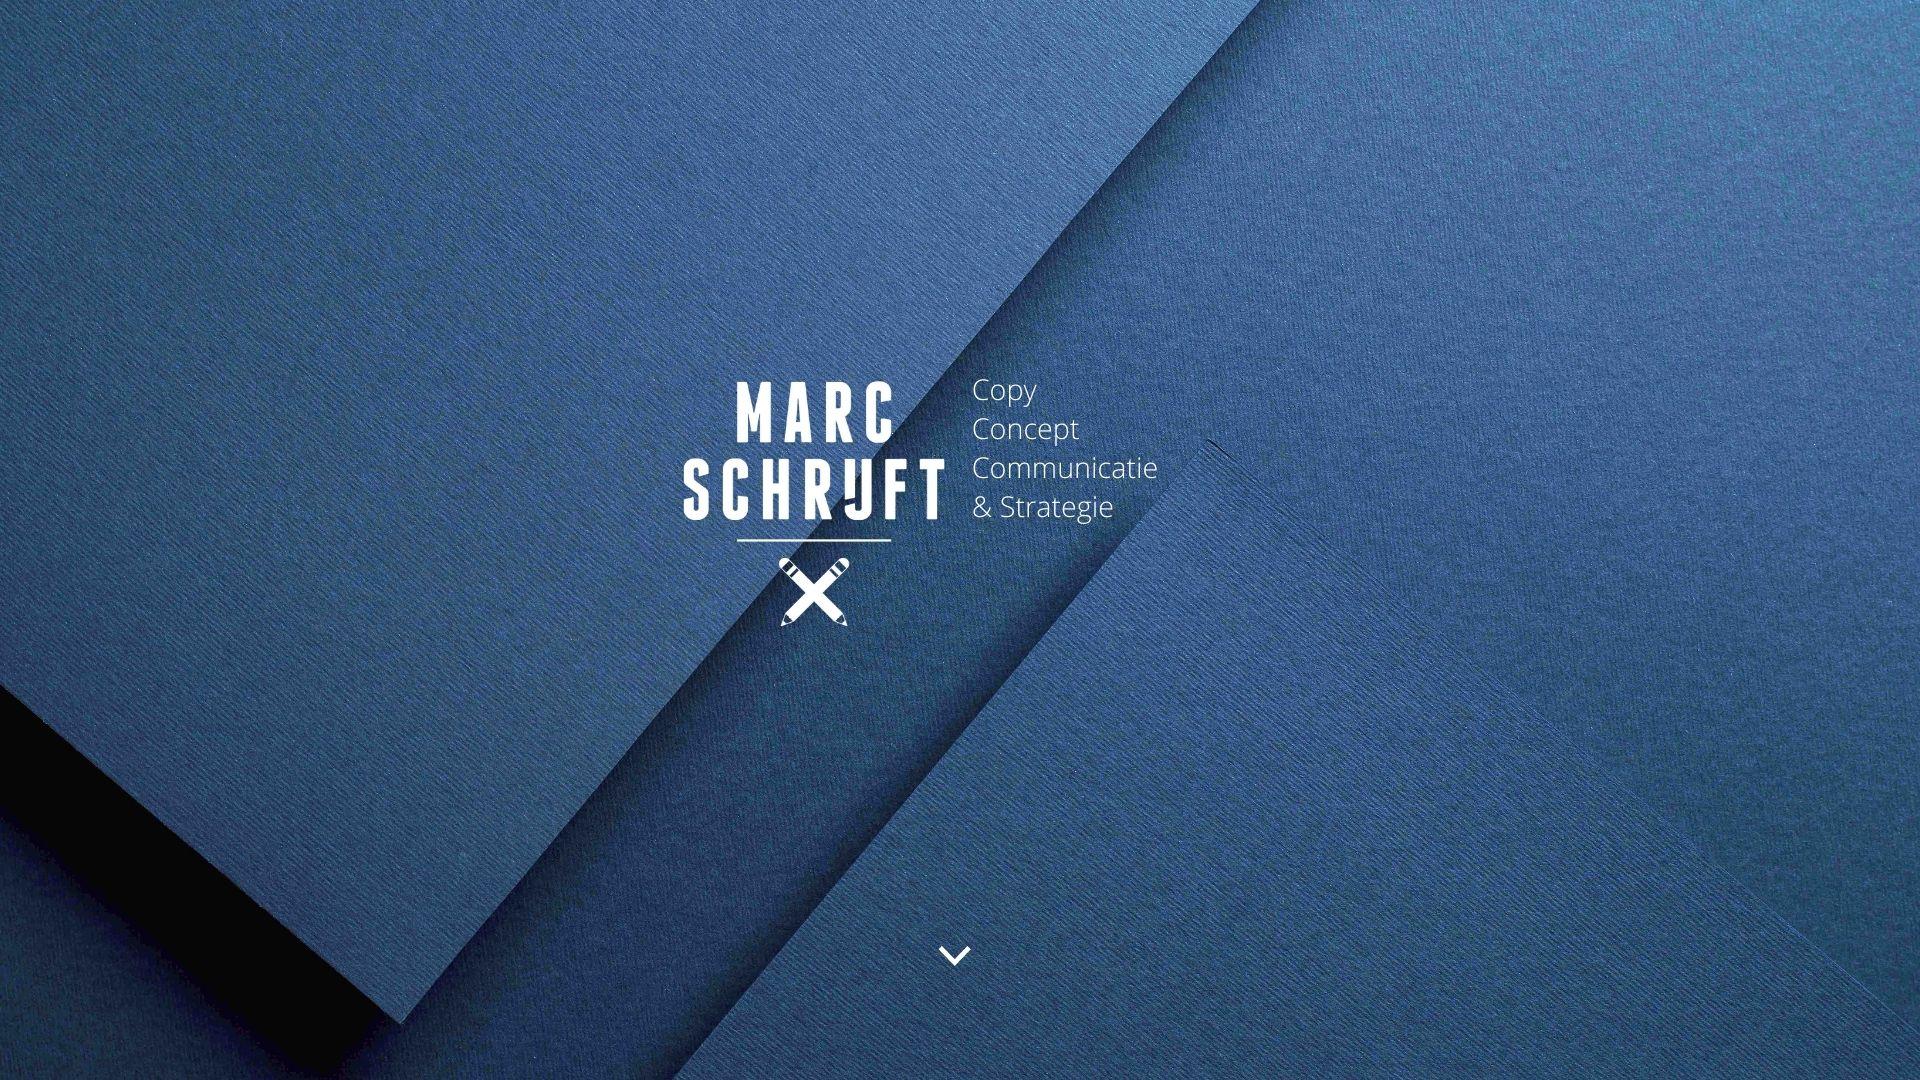 Marc schrijft. Copy, concept, communicatie en strategie